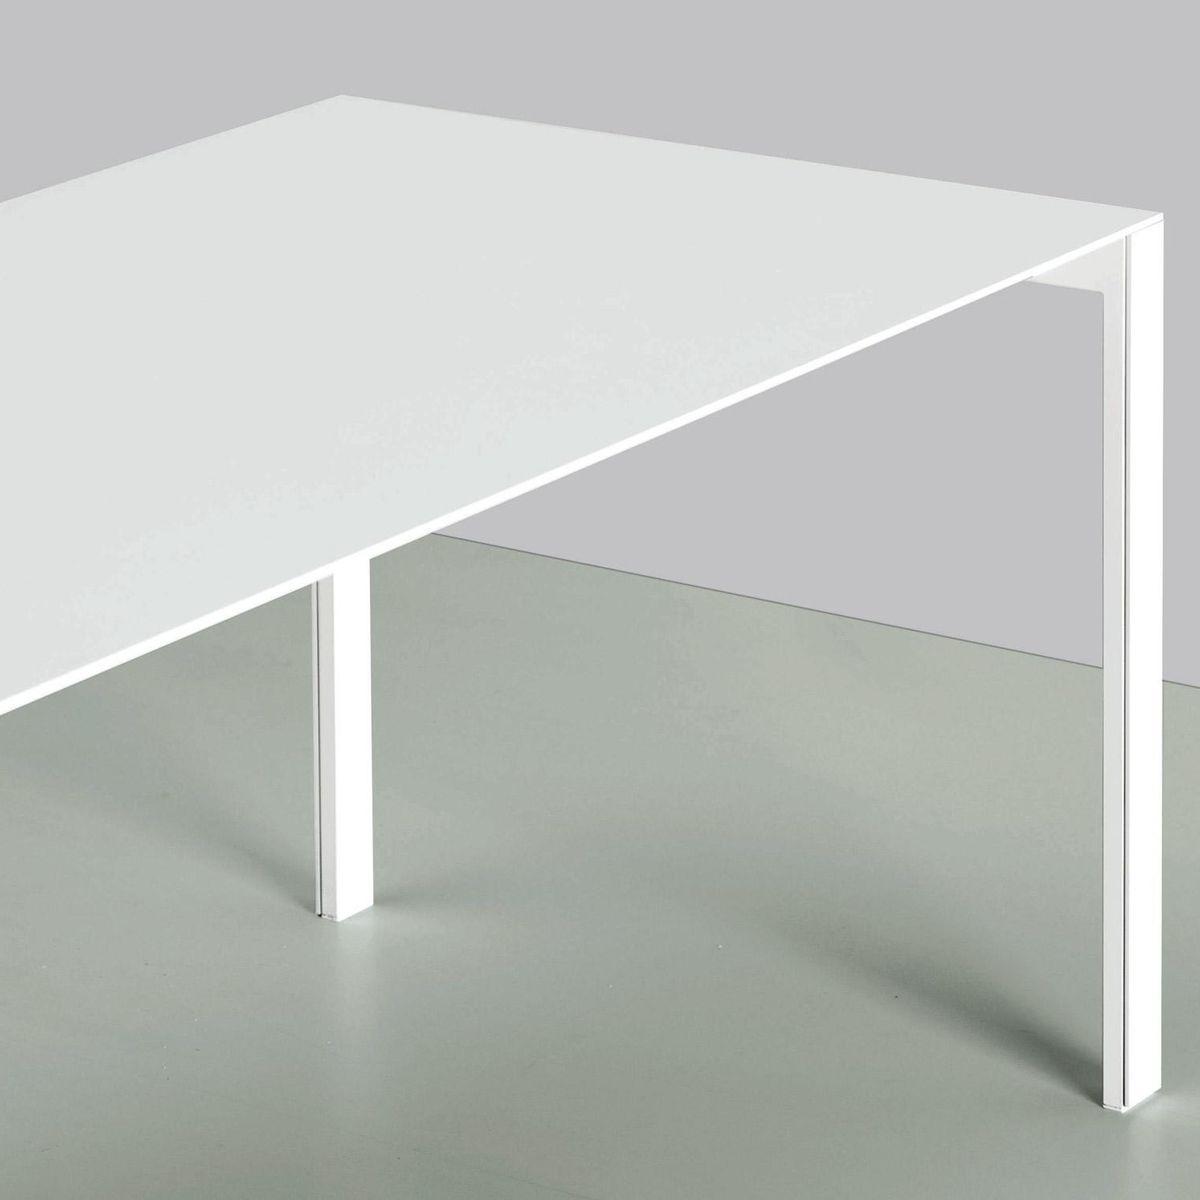 Thin K Aluminium Tisch Ausziehbar In 2020 Esstisch Stuhle Tisch